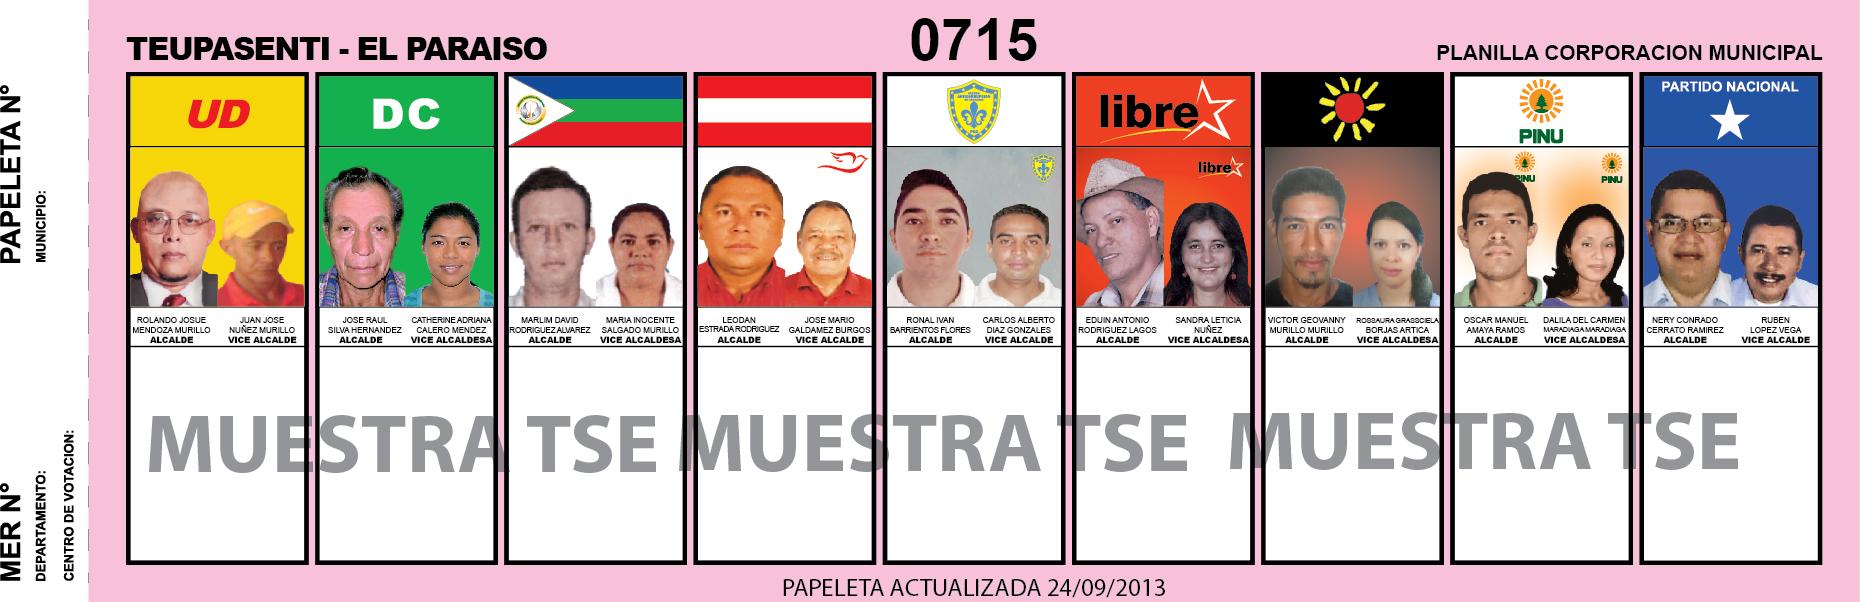 CANDIDATOS 2013 MUNICIPIO TEUPASENTI - EL PARAISO - HONDURAS